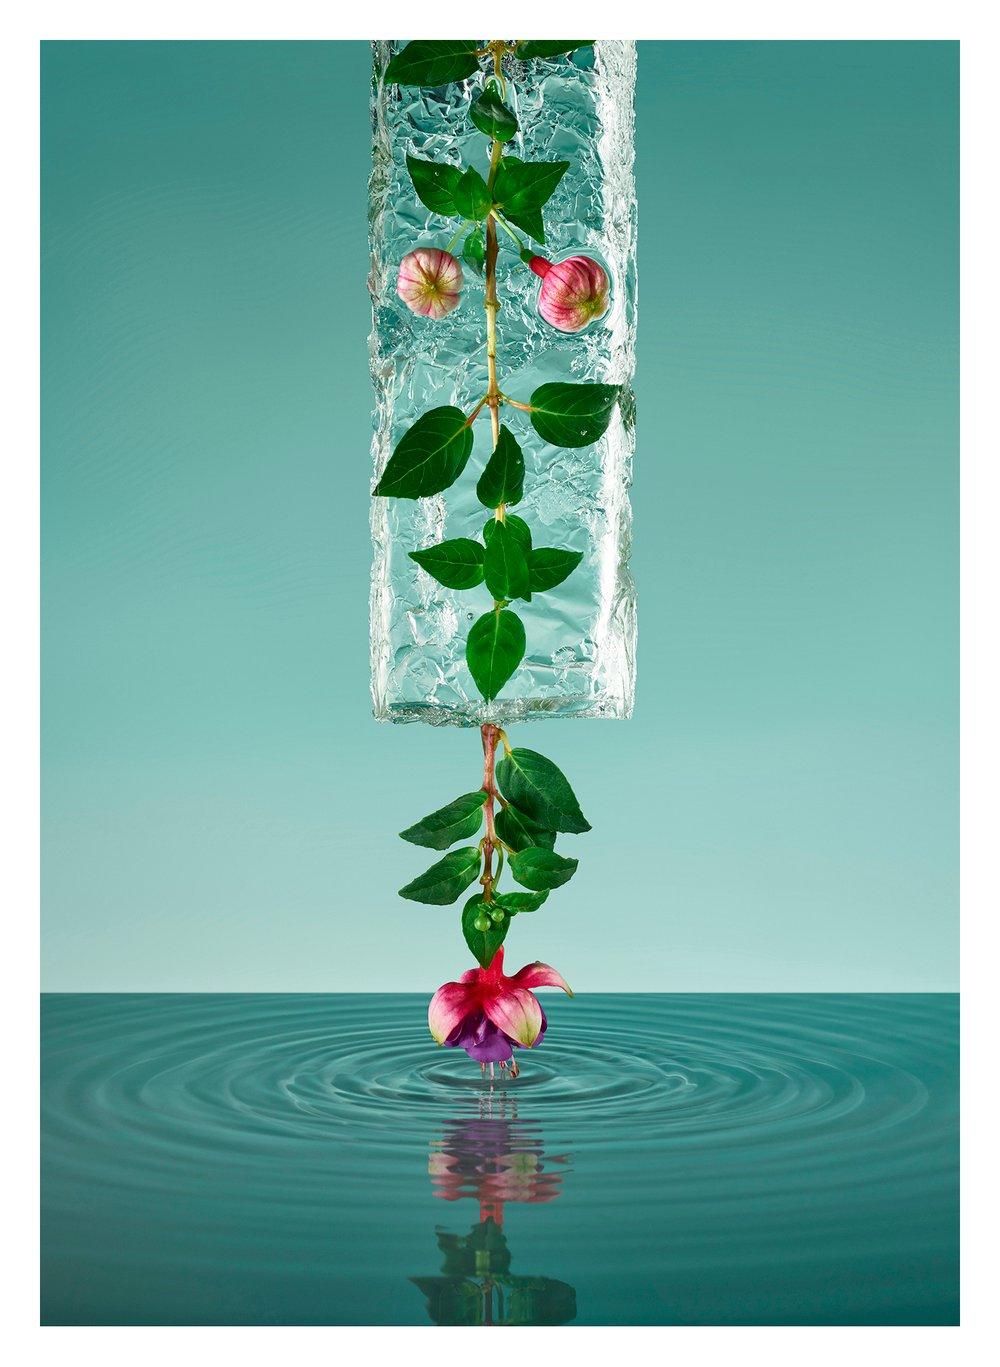 Image of Freezing Flowers 04